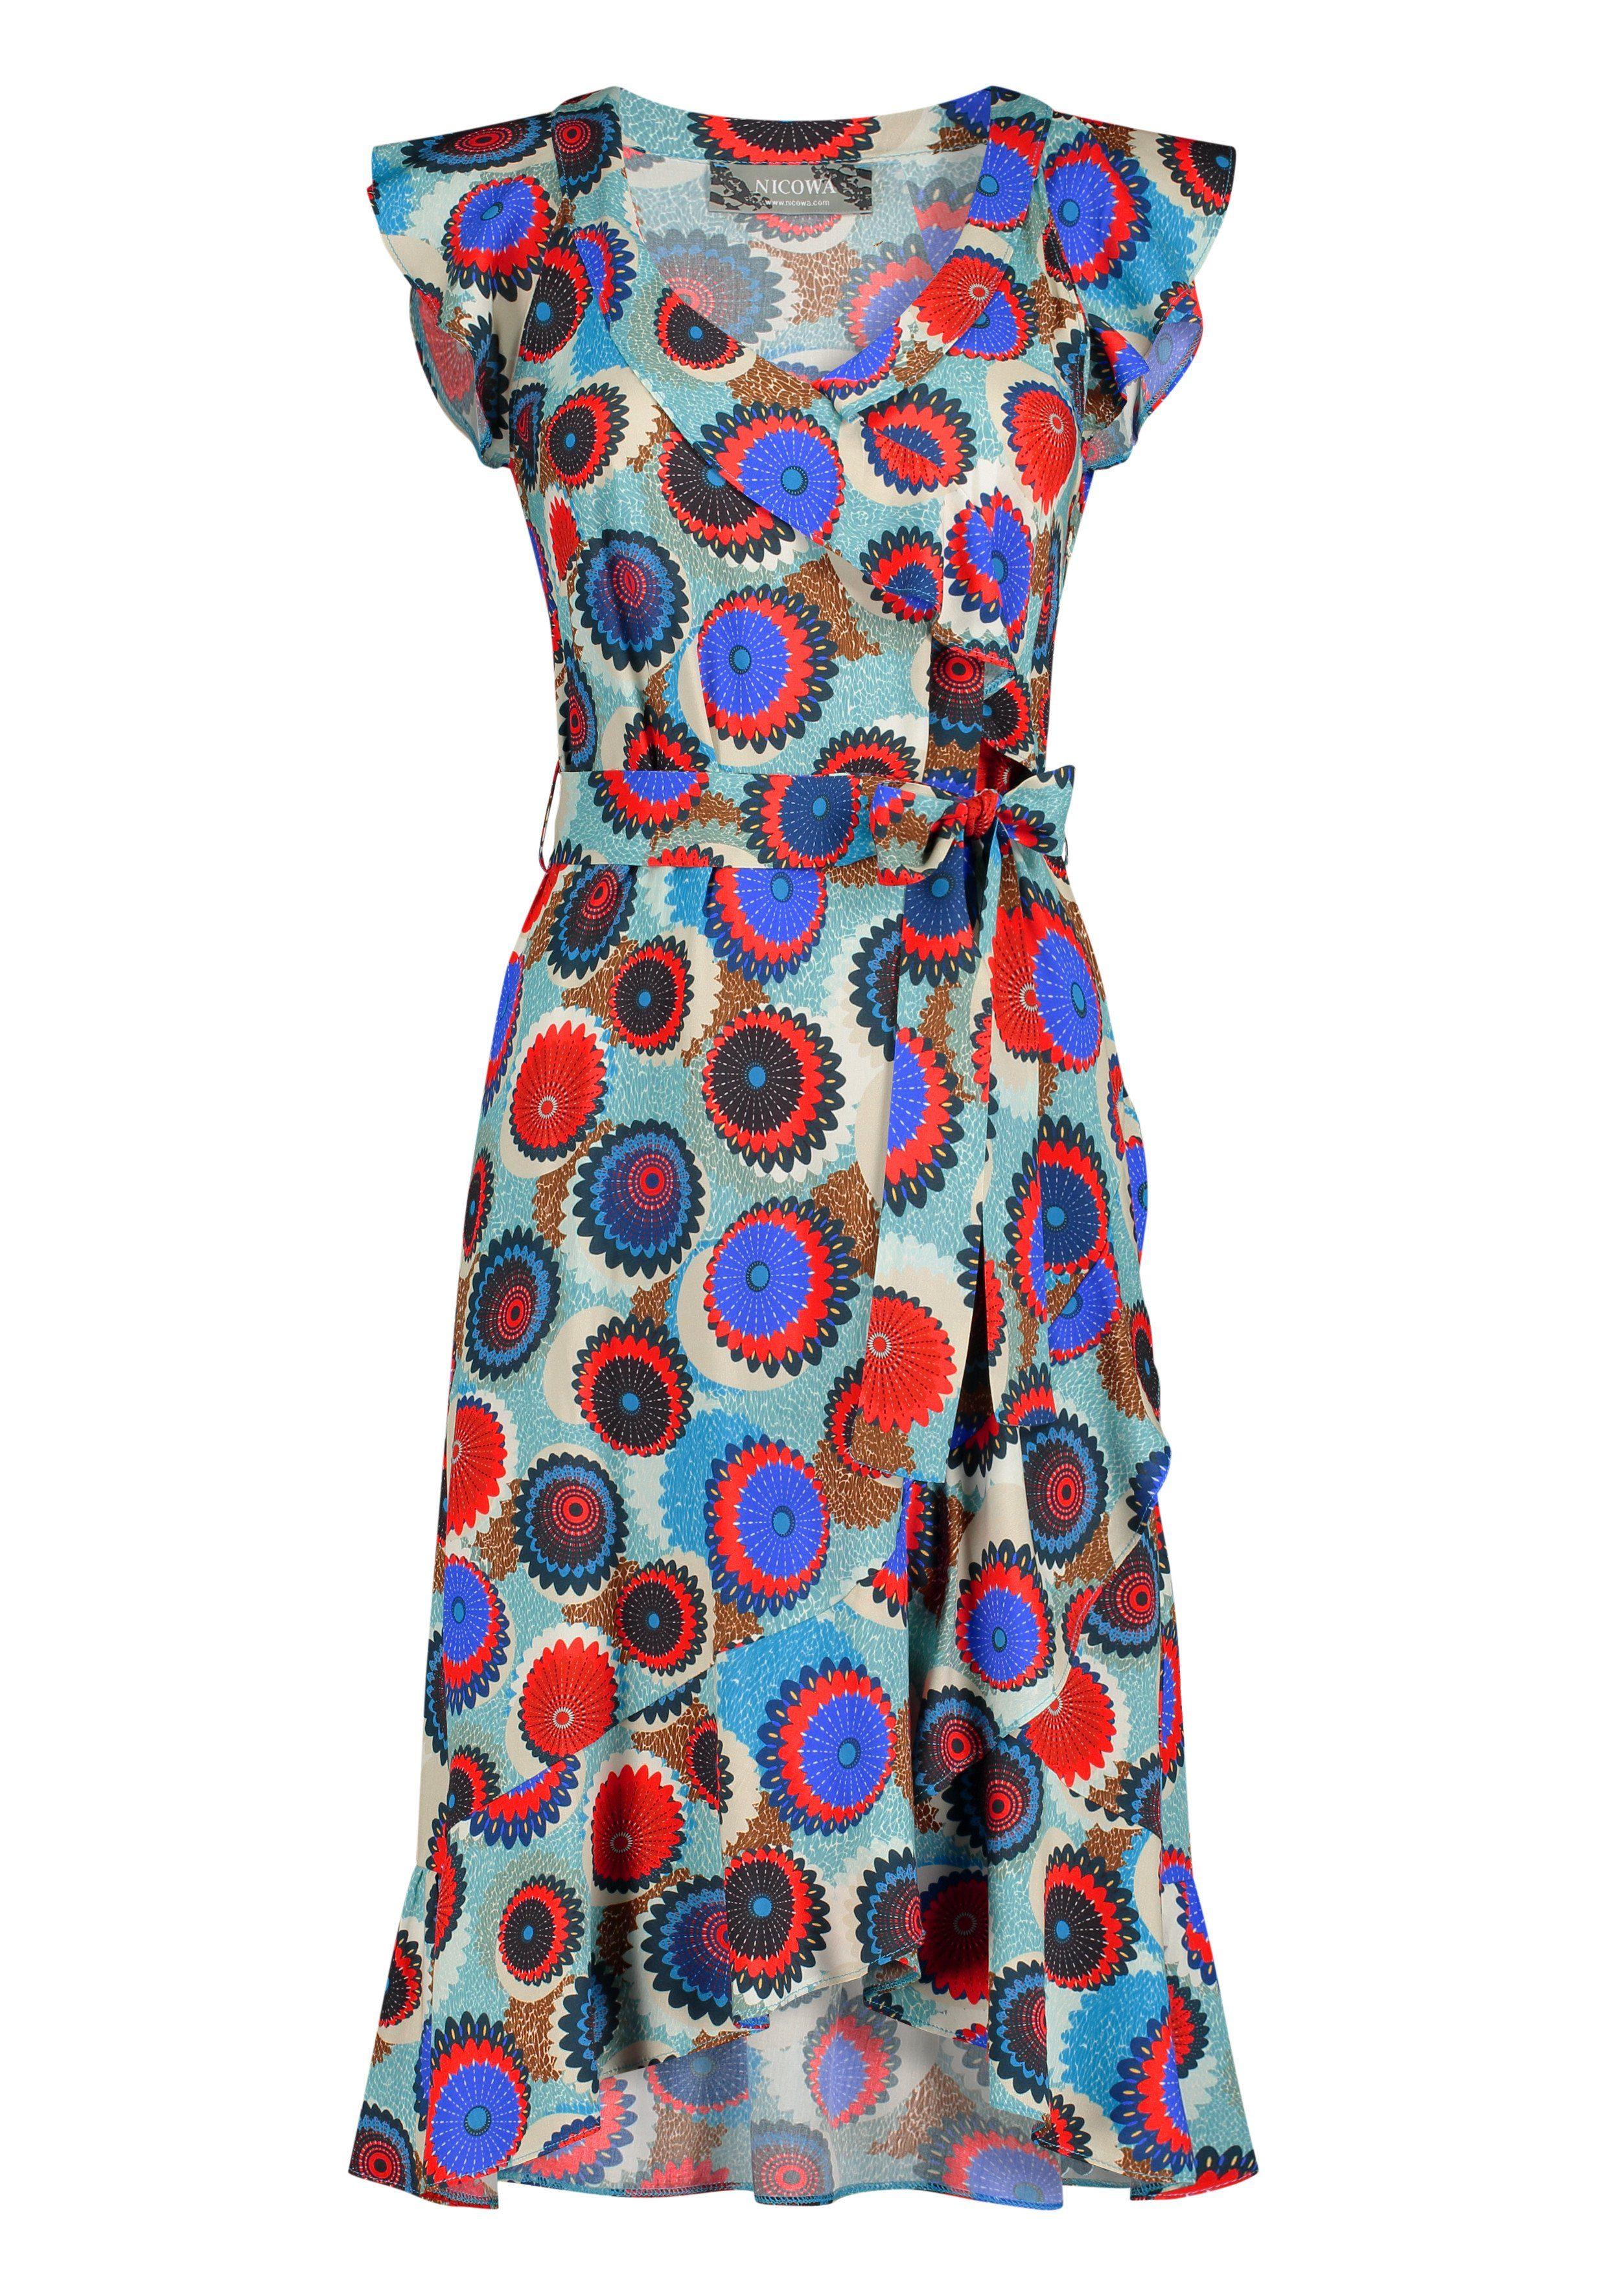 Nicowa Sommerliches Kleid NAVILLA mit Volants und Allover-Muster